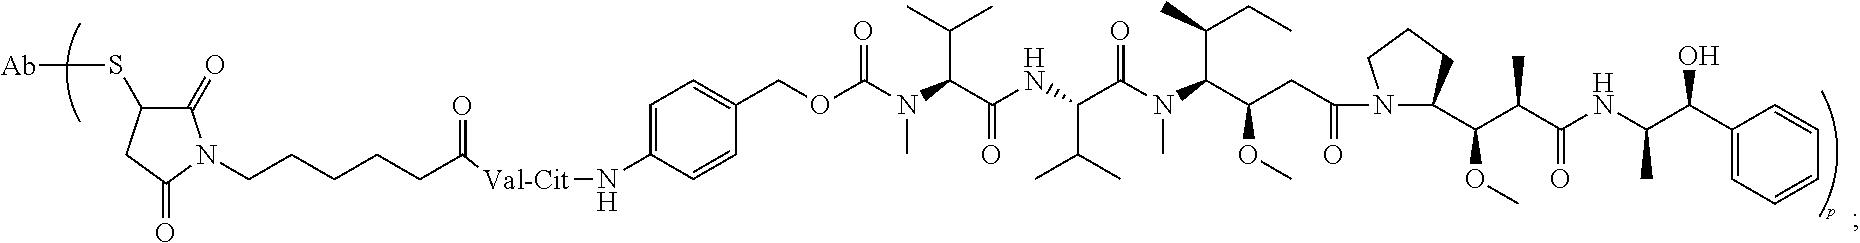 Figure US10059768-20180828-C00014